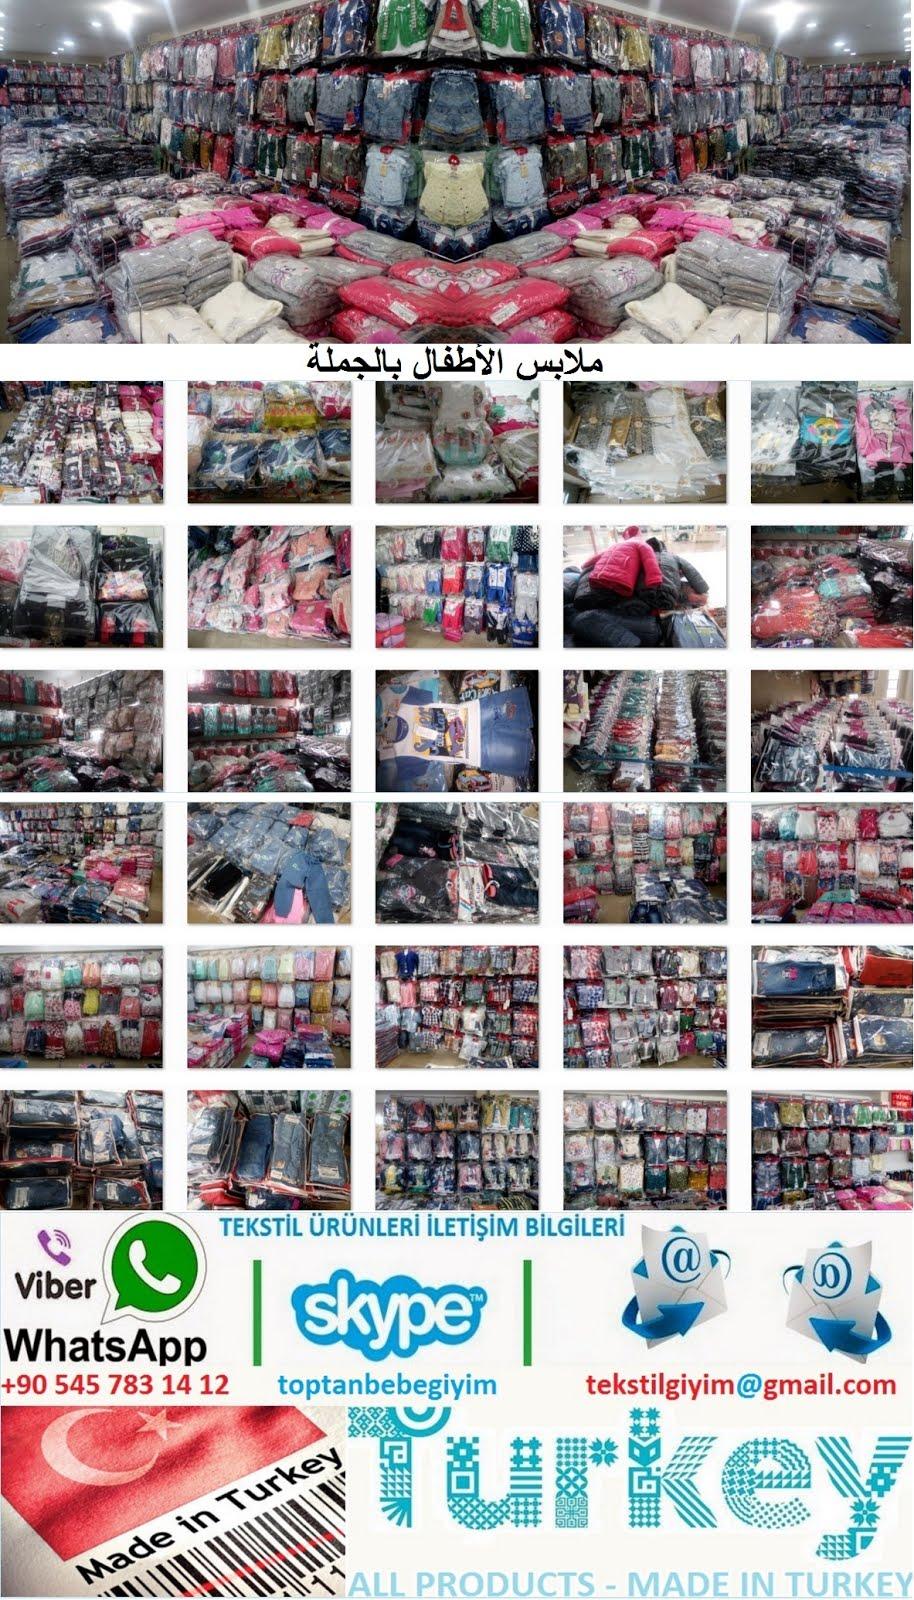 8f0cd87ed4d8d ملابس الأطفال بالجملة   الصيف نماذج جديدة من الملابس بالجملة للأطفال